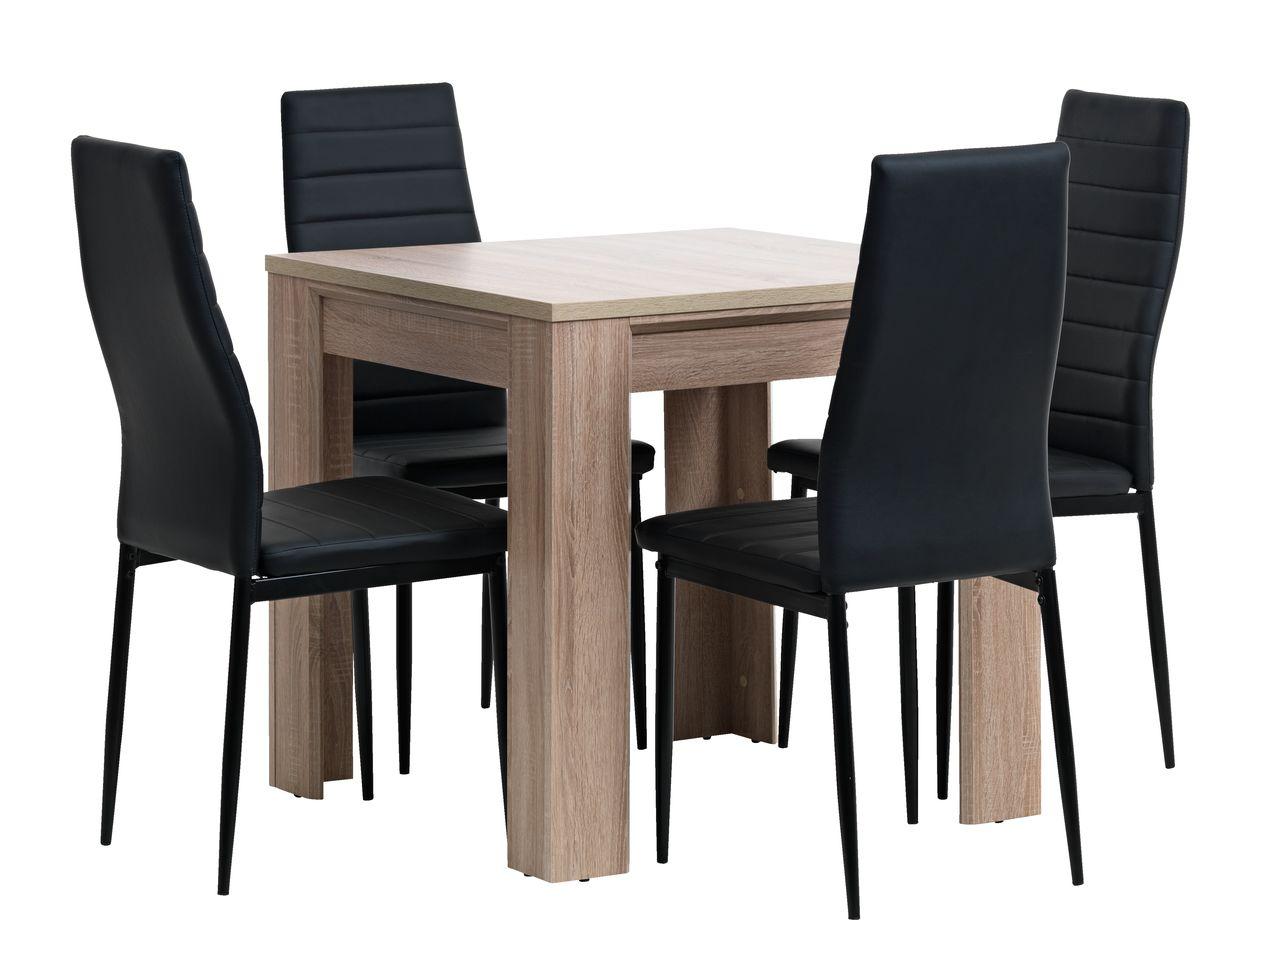 Hallund l80 oak 4 toreby black jysk for Sofa table jysk